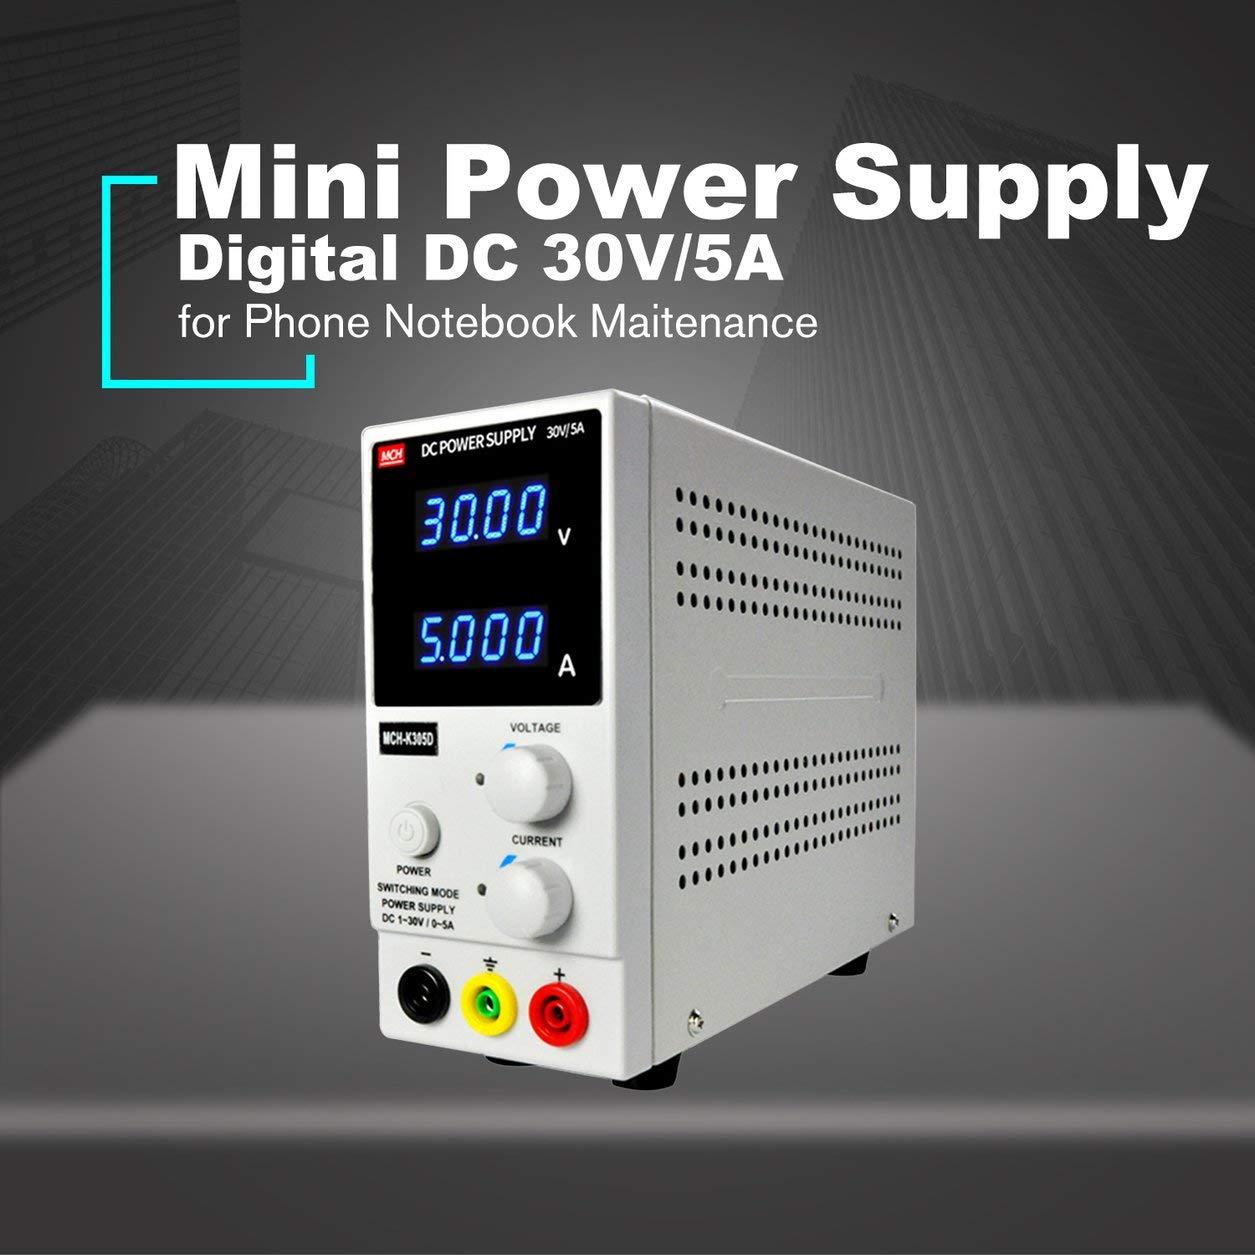 Dailyinshop 30V / 5A Mini Fuente de alimentación alimentación alimentación Digital DC Corriente Voltaje de Pantalla Ajuste Ajustable (Color: Blanco) 96dd69